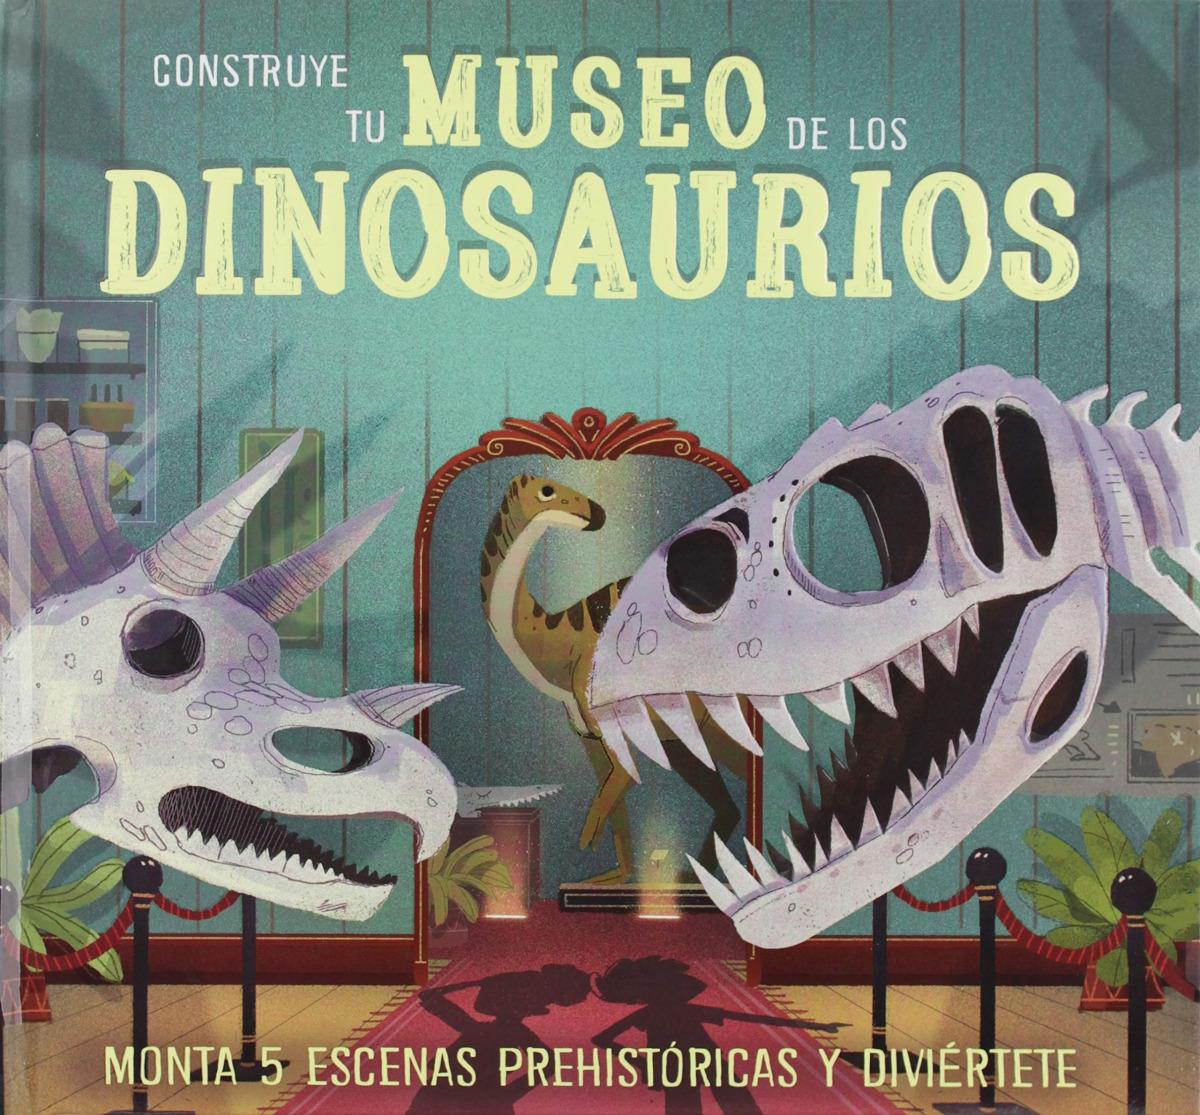 CONSTRUYE TU MUSEO DE LOS DINOSAURIOS 9788428557351